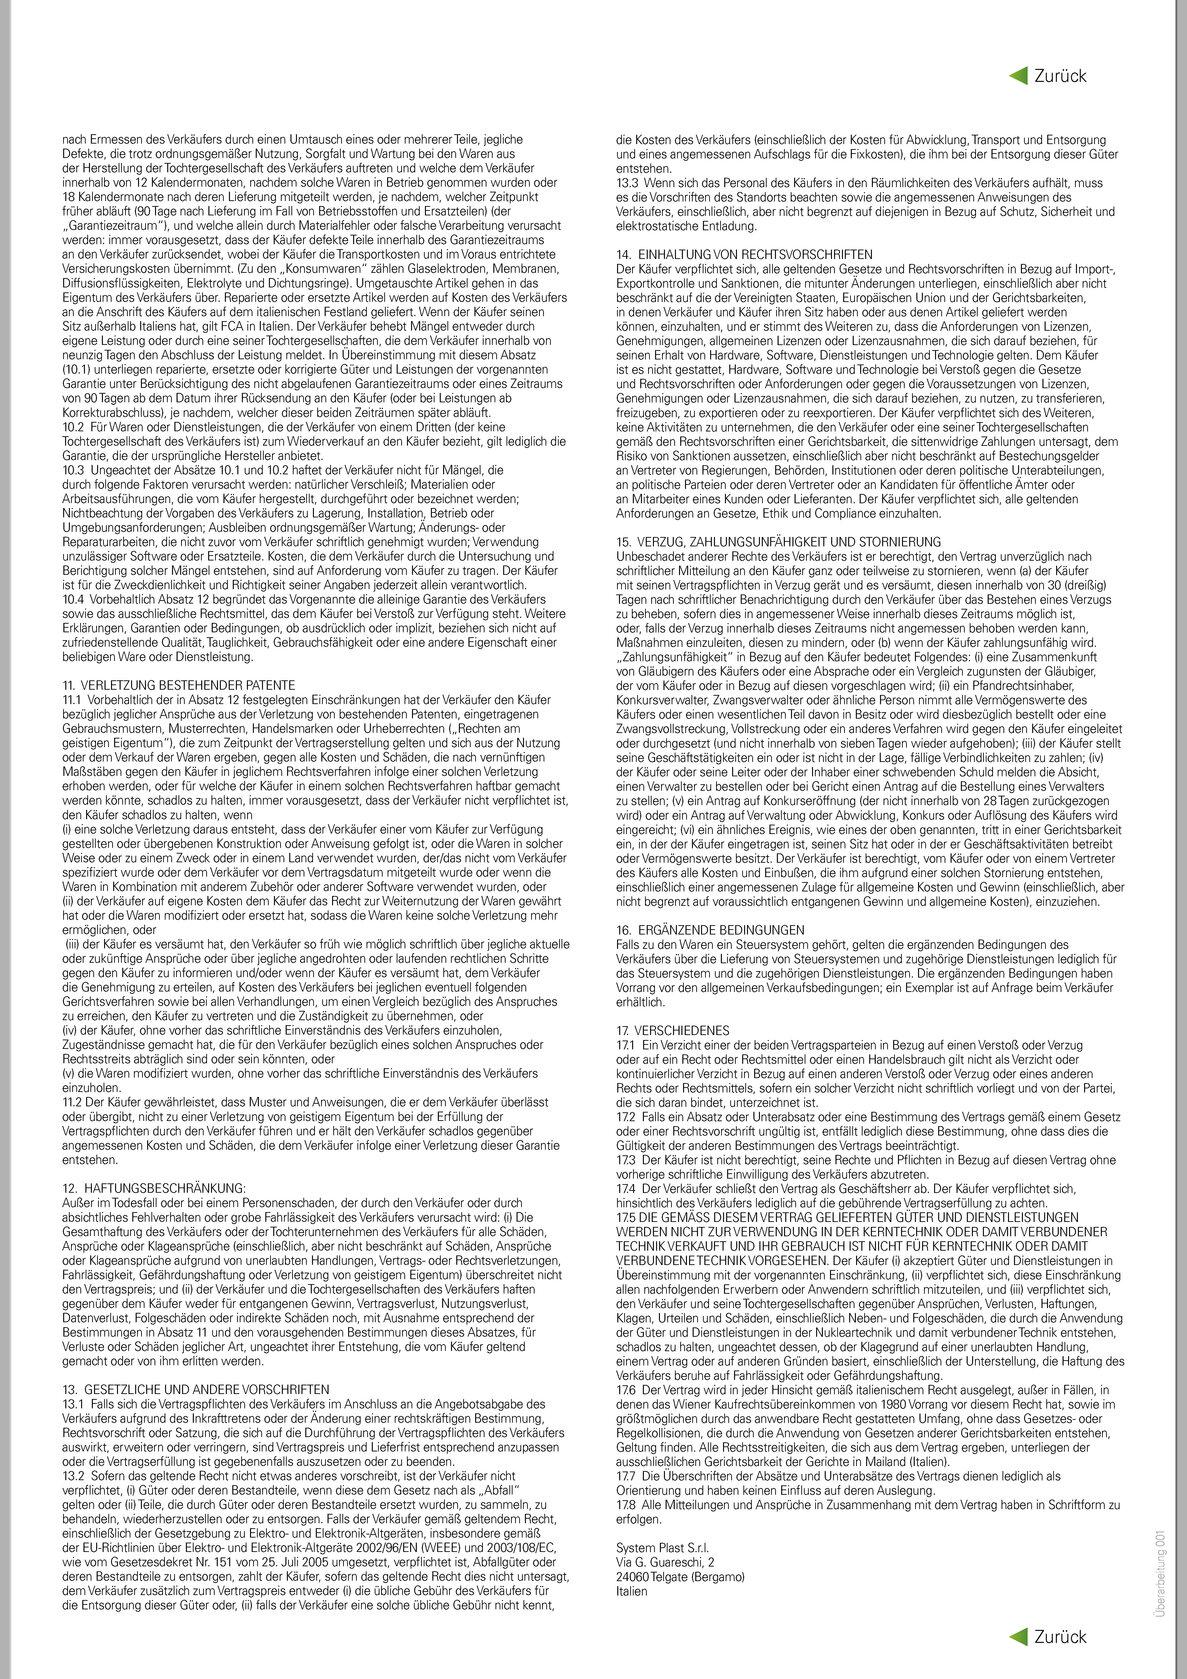 German Smart Guide - Page 79900A Allgemeine Lieferbedingungen